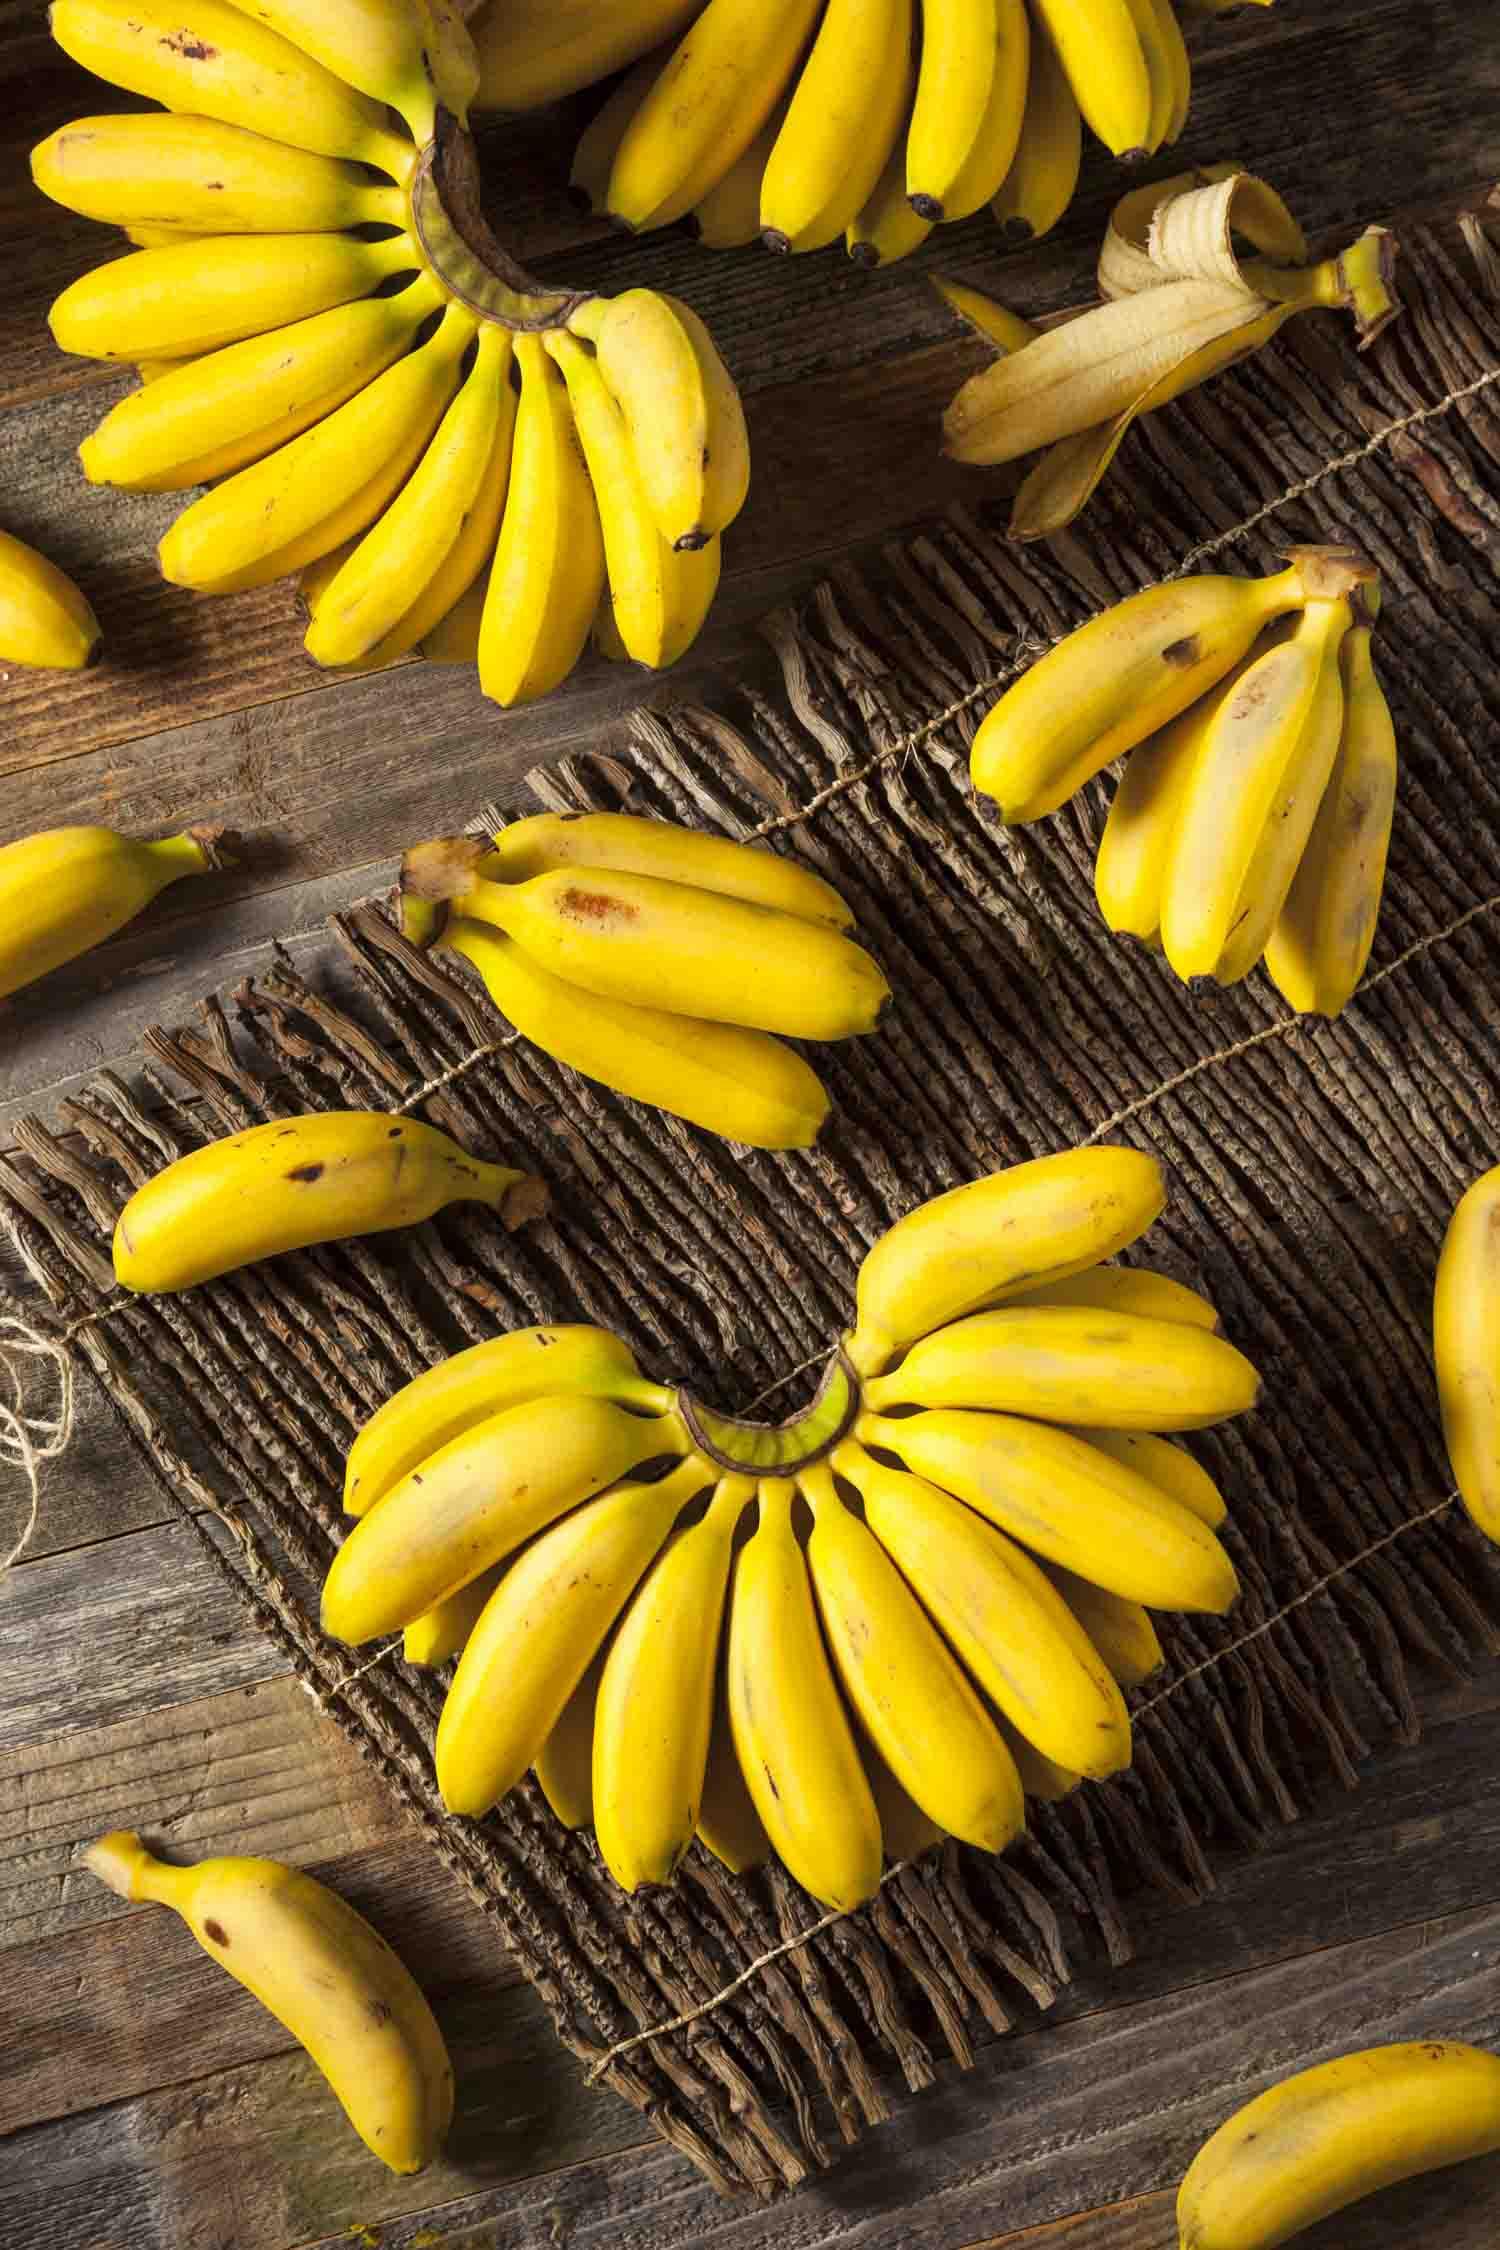 Cuban fruit Raw Organic Yellow Baby Bananas in a Bunch